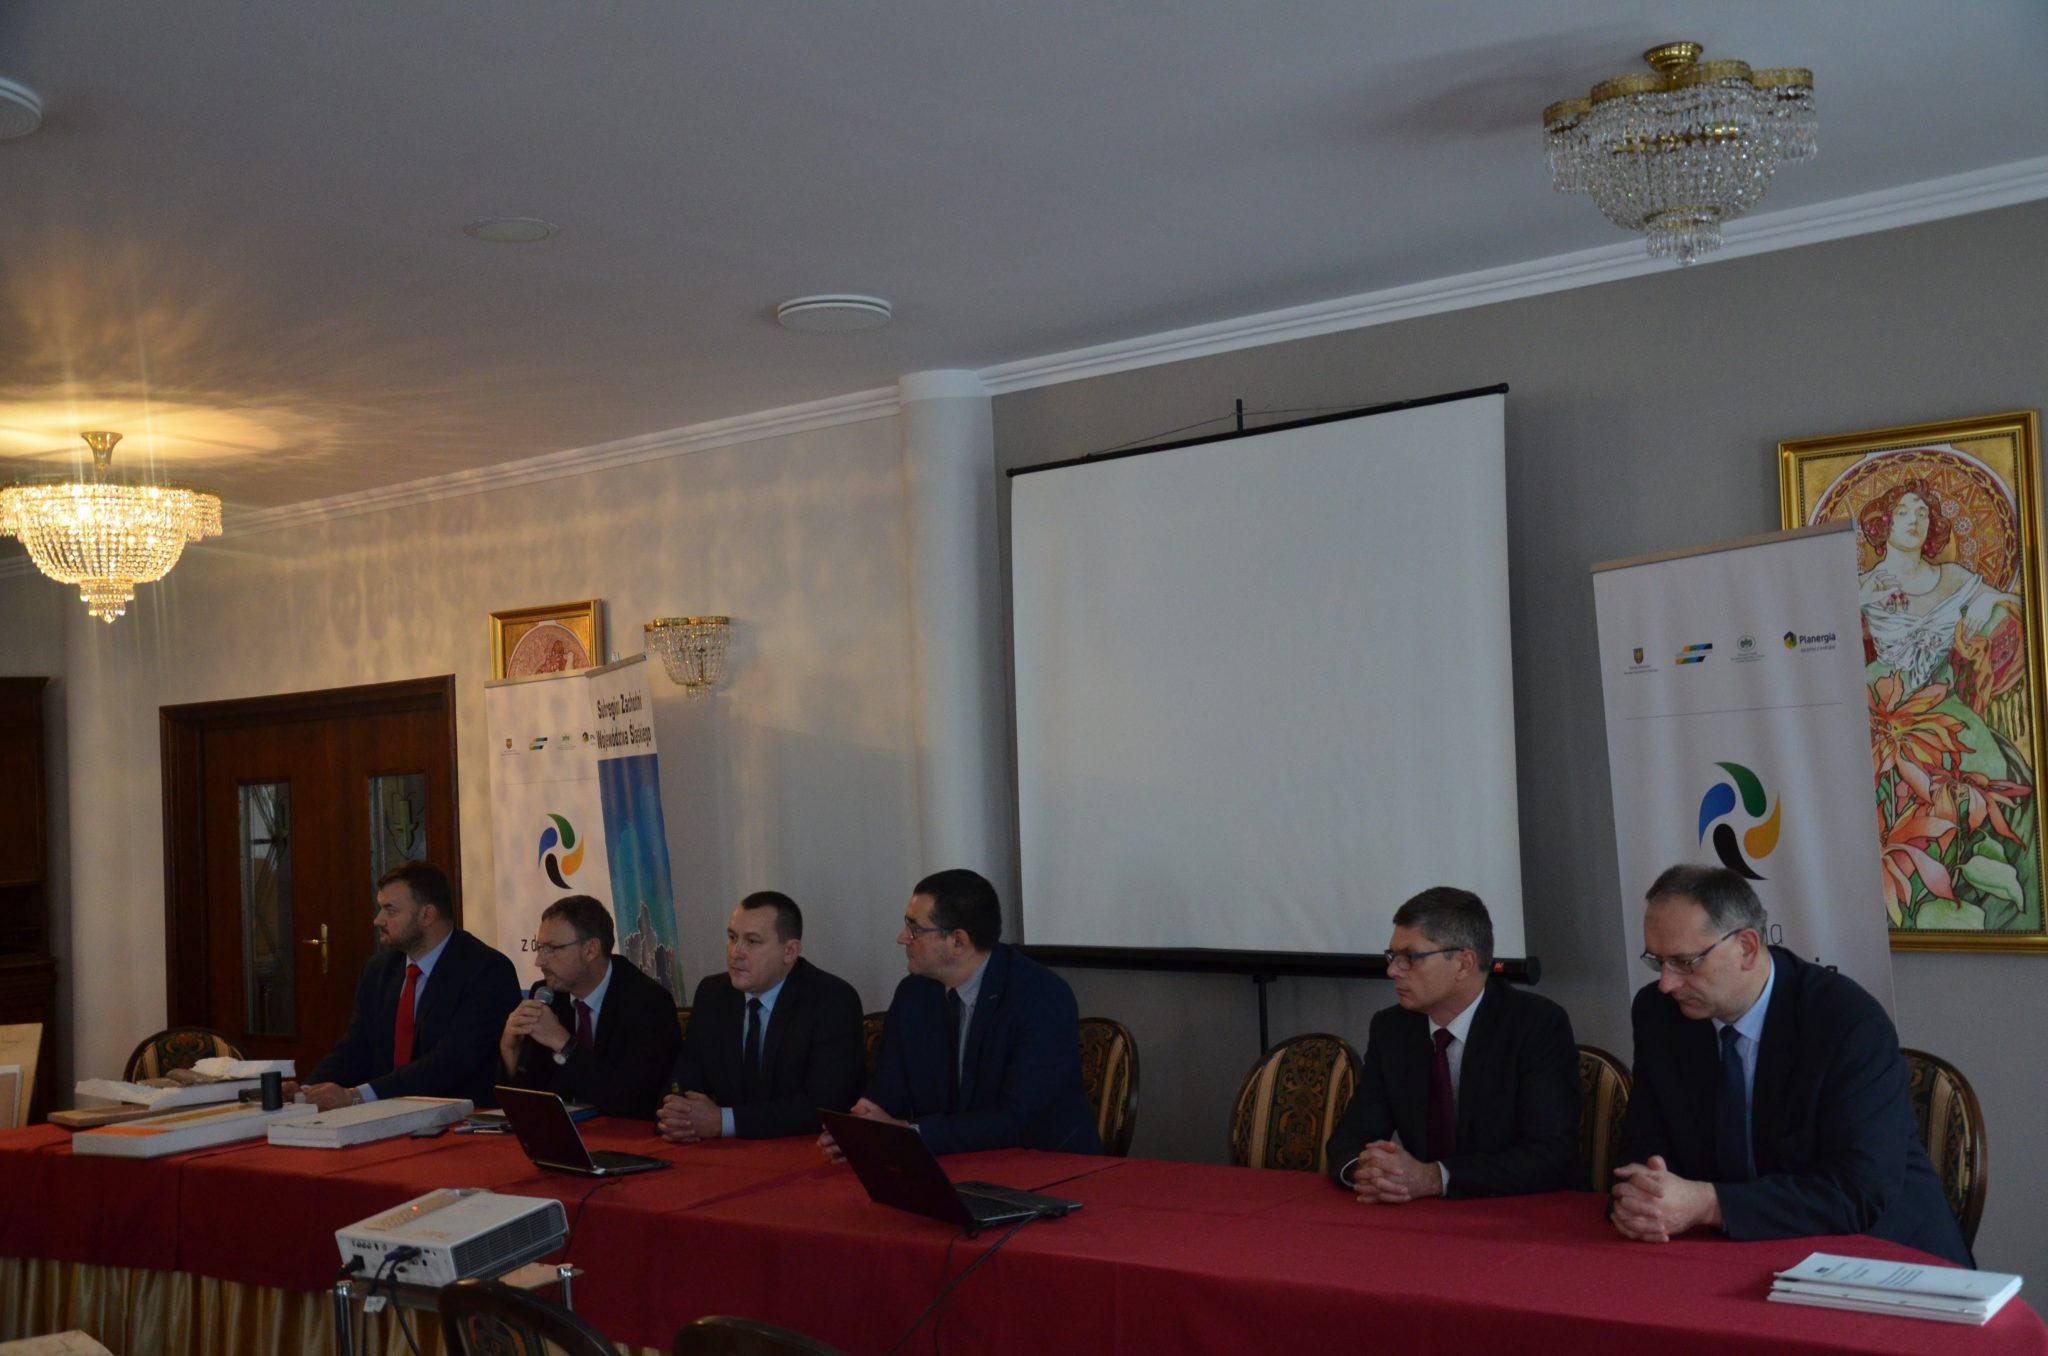 konferencja w ramach kampanii GZDE